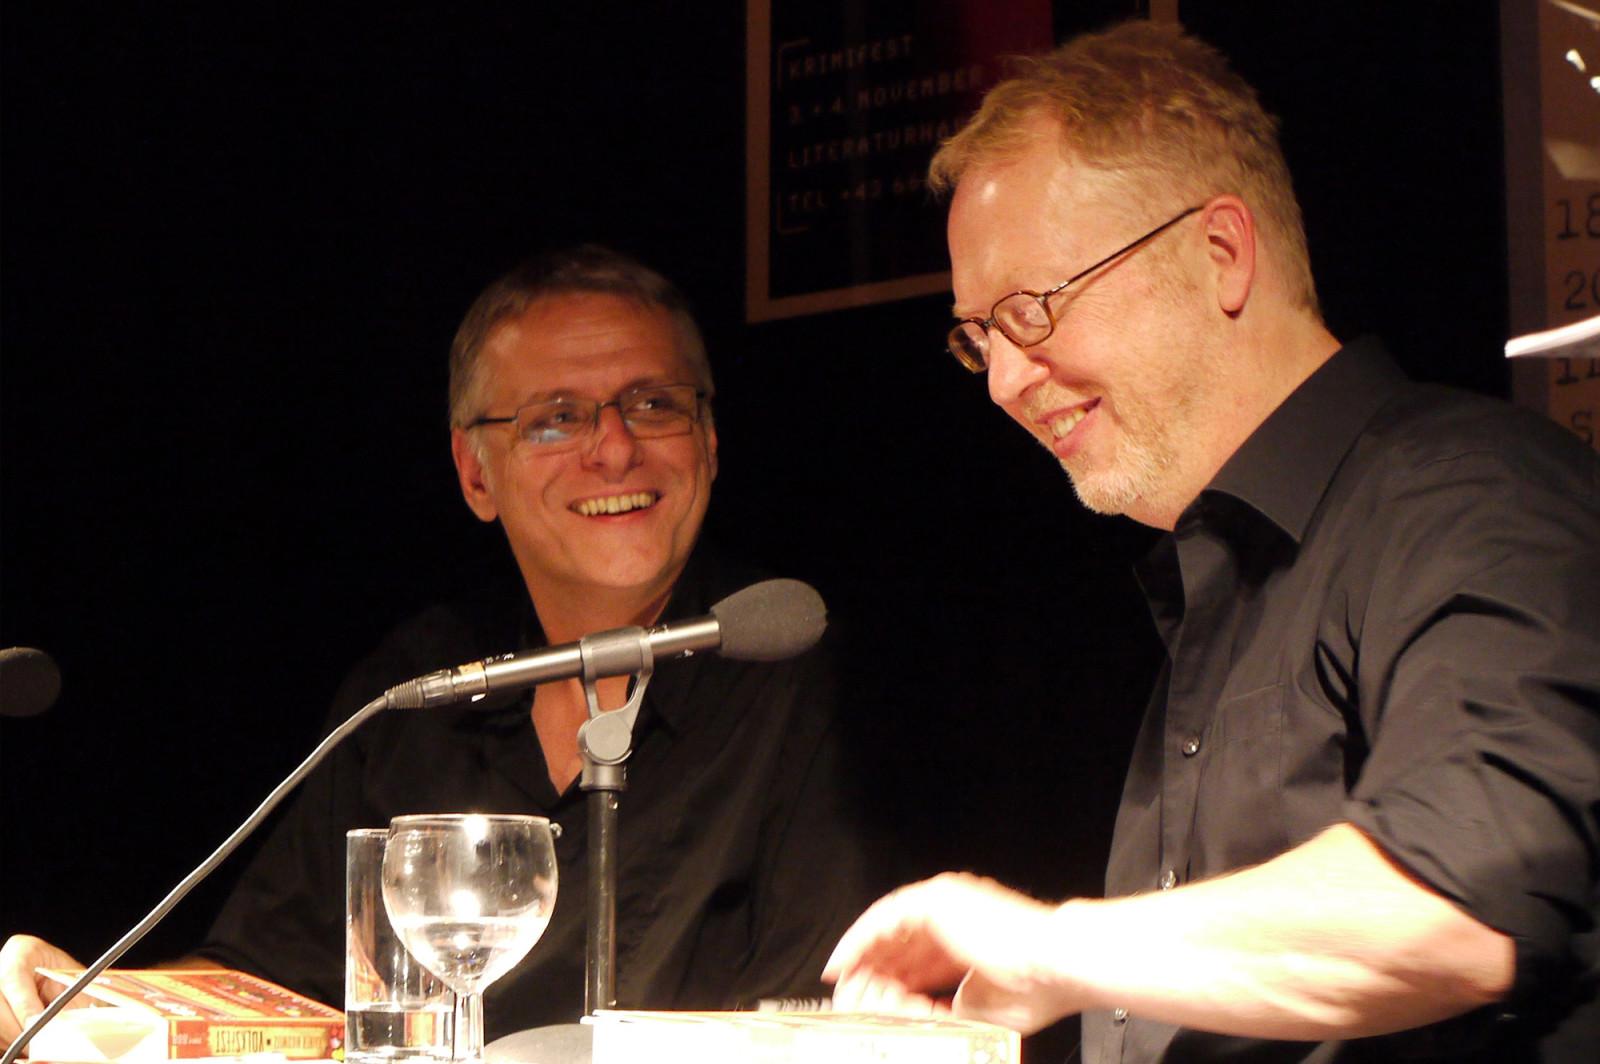 Tomas Friedmann im Gespräch mit Rainer Nikowitz.